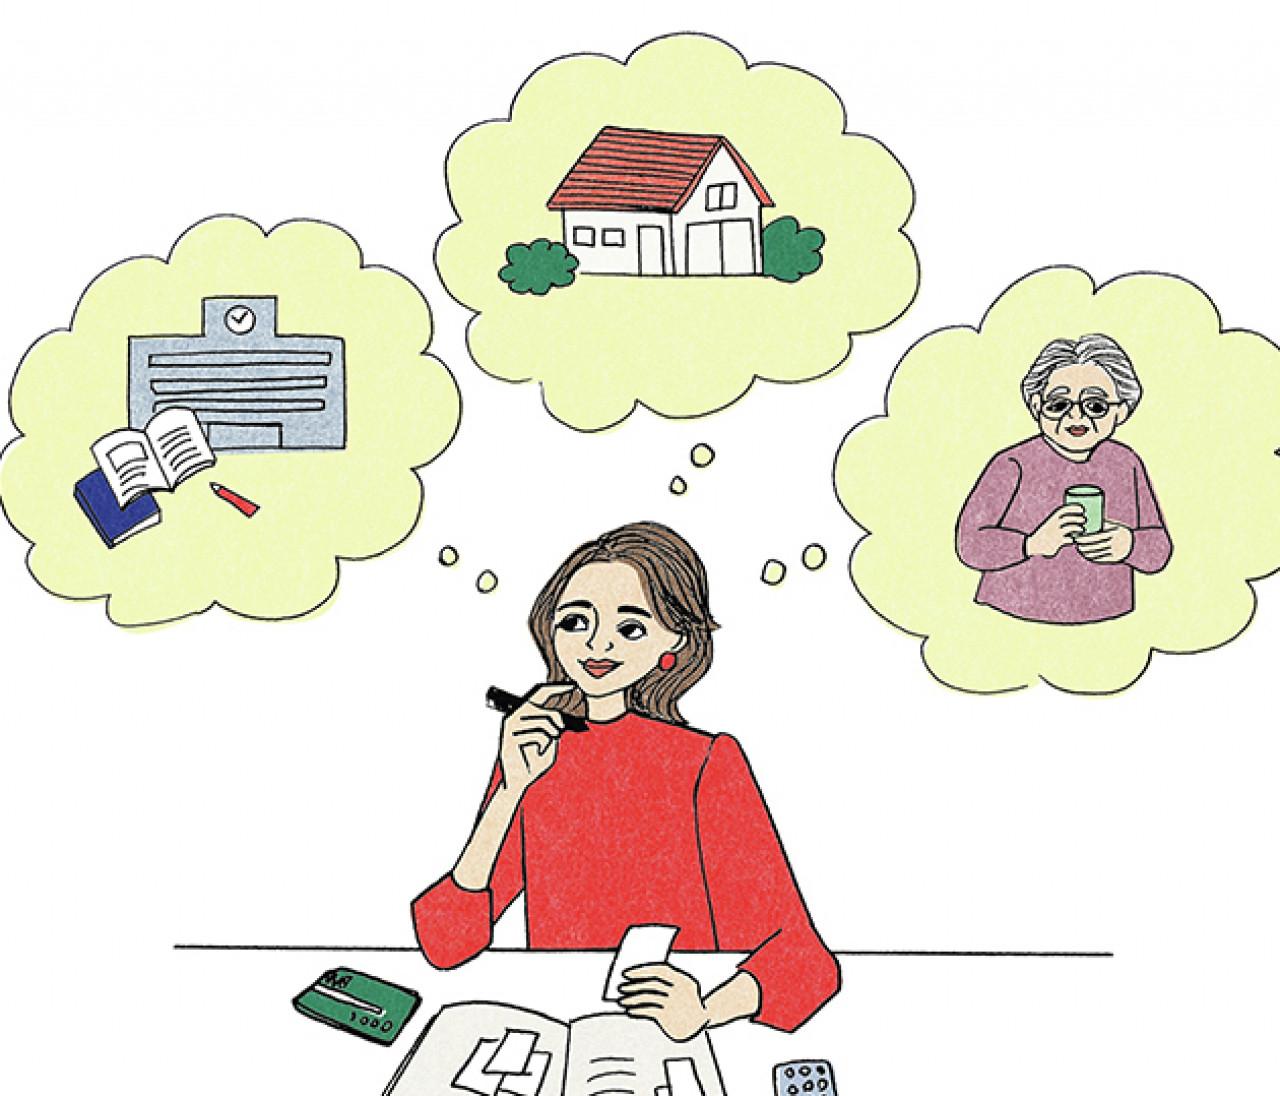 【30代女性のお金事情】アラサー&30代女性の貯蓄額、平均はこれくらい!